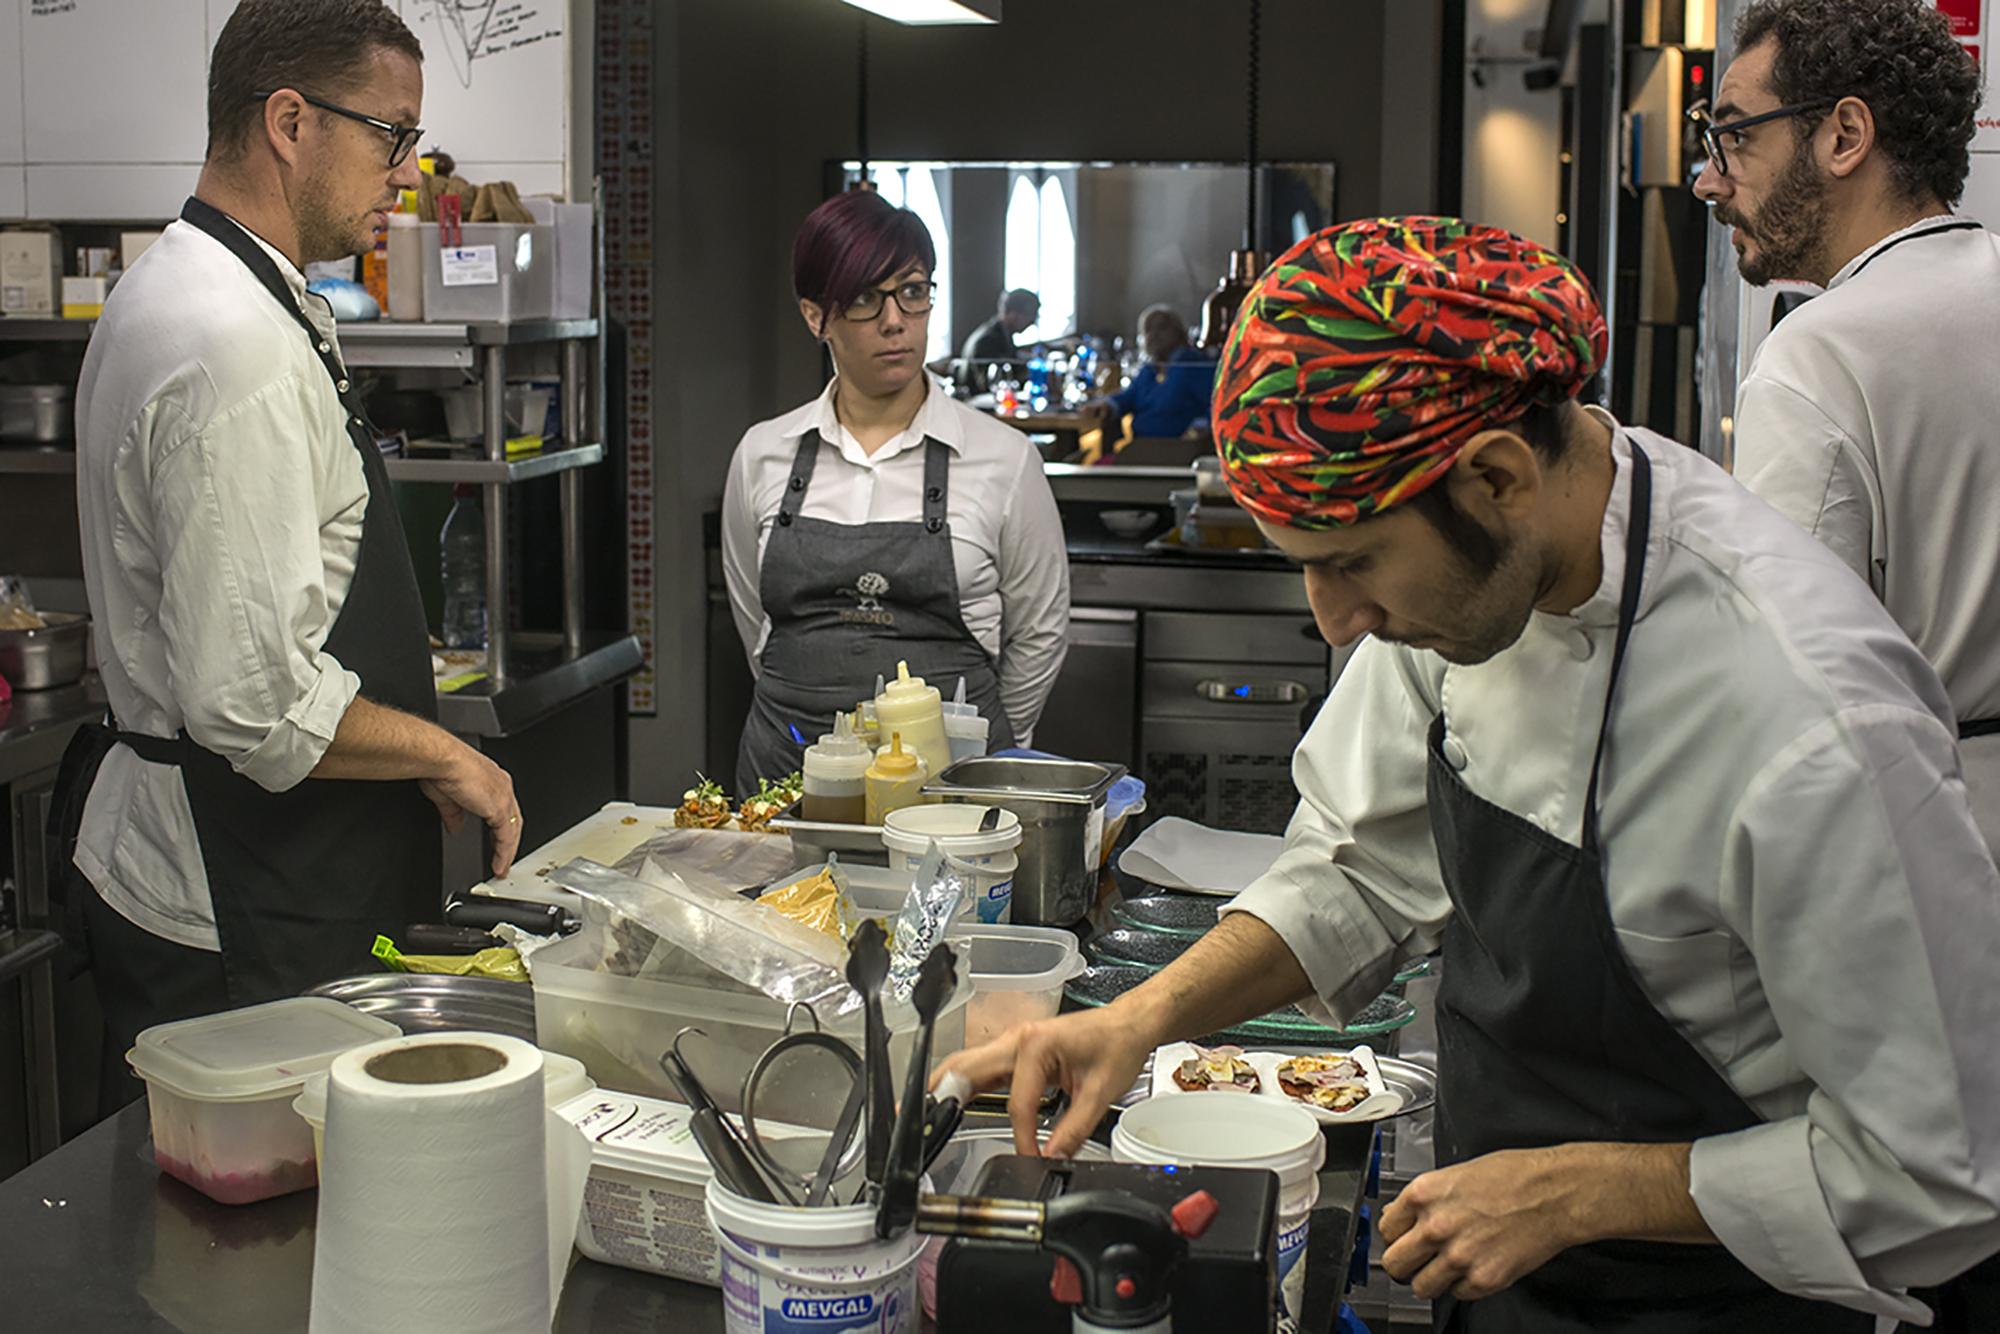 El equipo de 'Trasto' lo forman diez personas, cinco en cocina y cinco en sala.